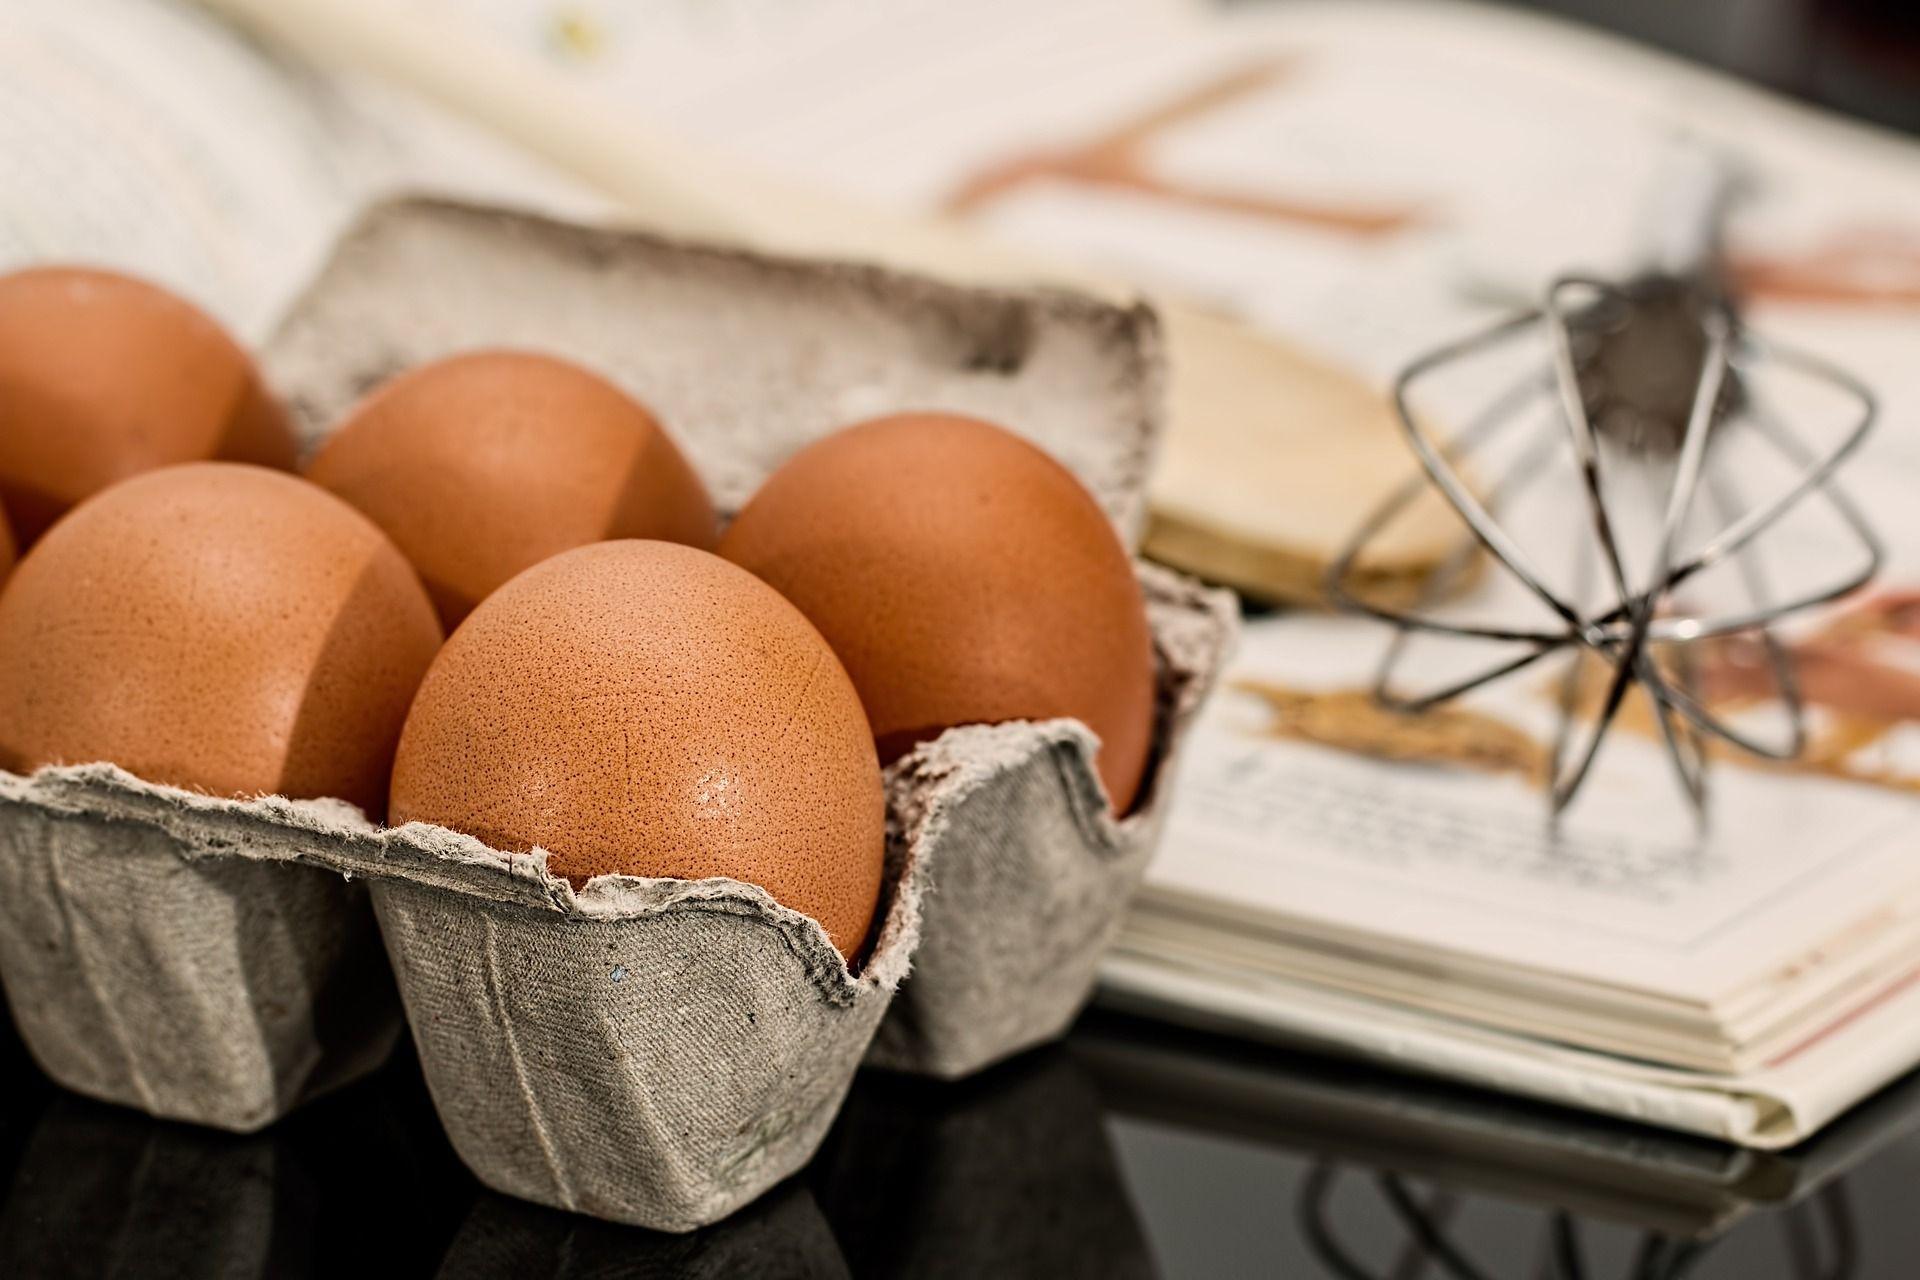 """Zutaten sollte man ökologisch orientiert einkaufen. Bei Bio-Eiern schmeckt der Kuchen vielleicht besser. Bei Eiern """"+ 4 ct"""" werden die männlichen Kücken NICHT geschreddert, sondern parallel mit den Hühnern aufgezogen. Verantwortung, die man selbst wahrnehmen kann !"""